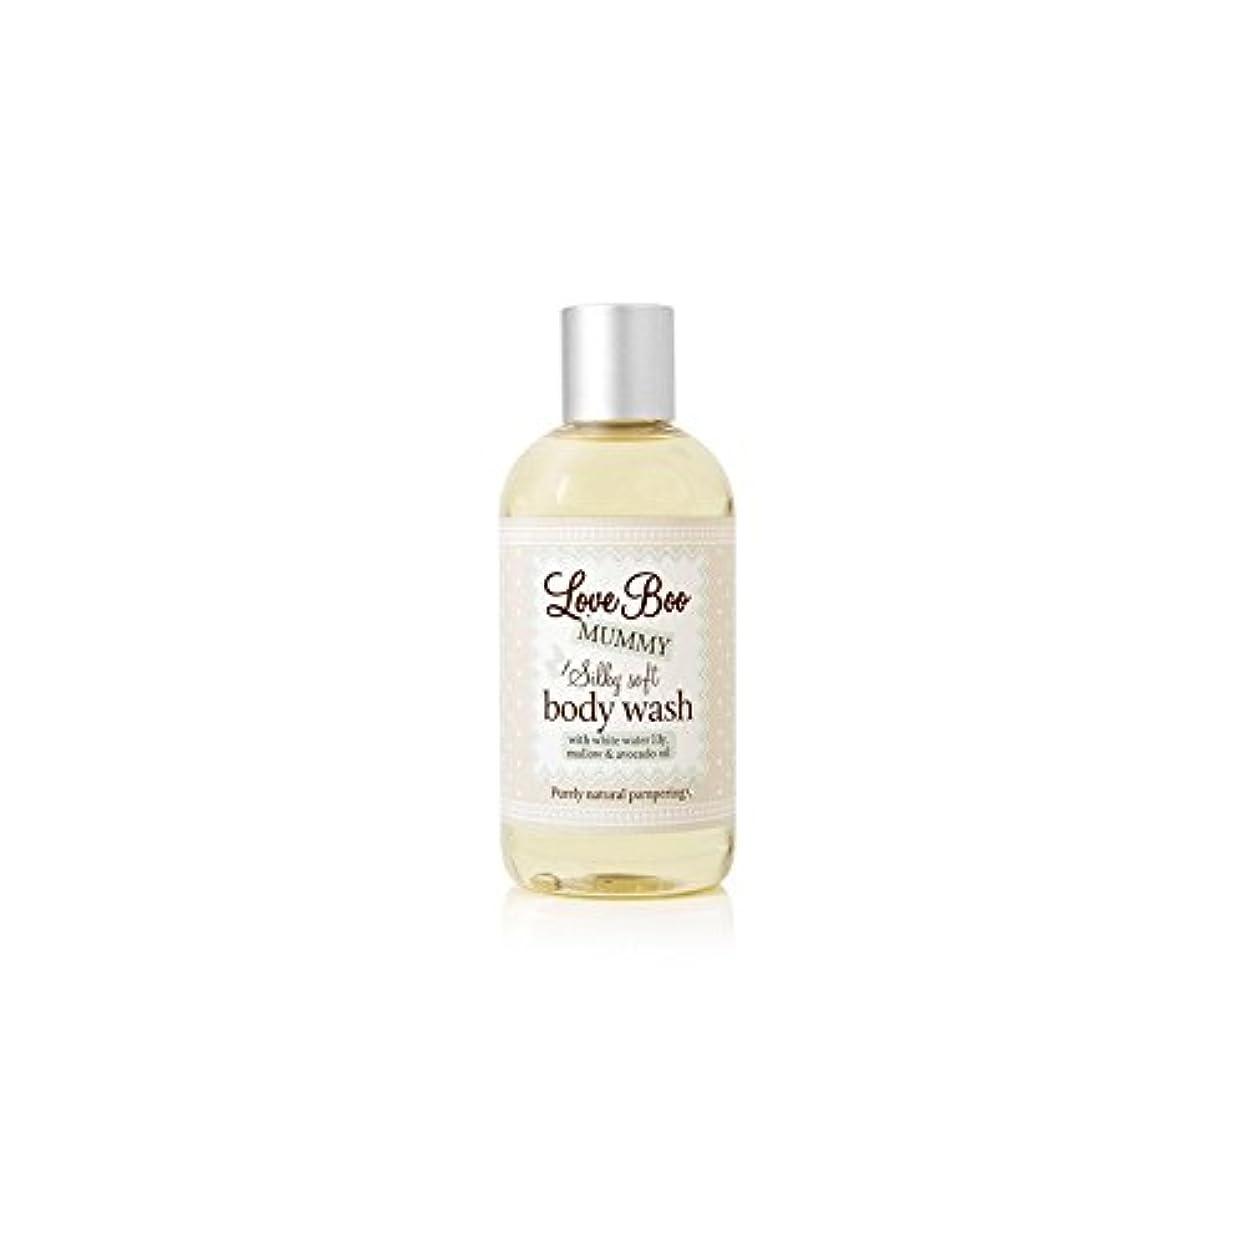 南極テレビ局スペイン語Love Boo Silky Soft Body Wash (250ml) (Pack of 6) - 絹のようなソフトボディウォッシュ(250ミリリットル)愛 x6 [並行輸入品]